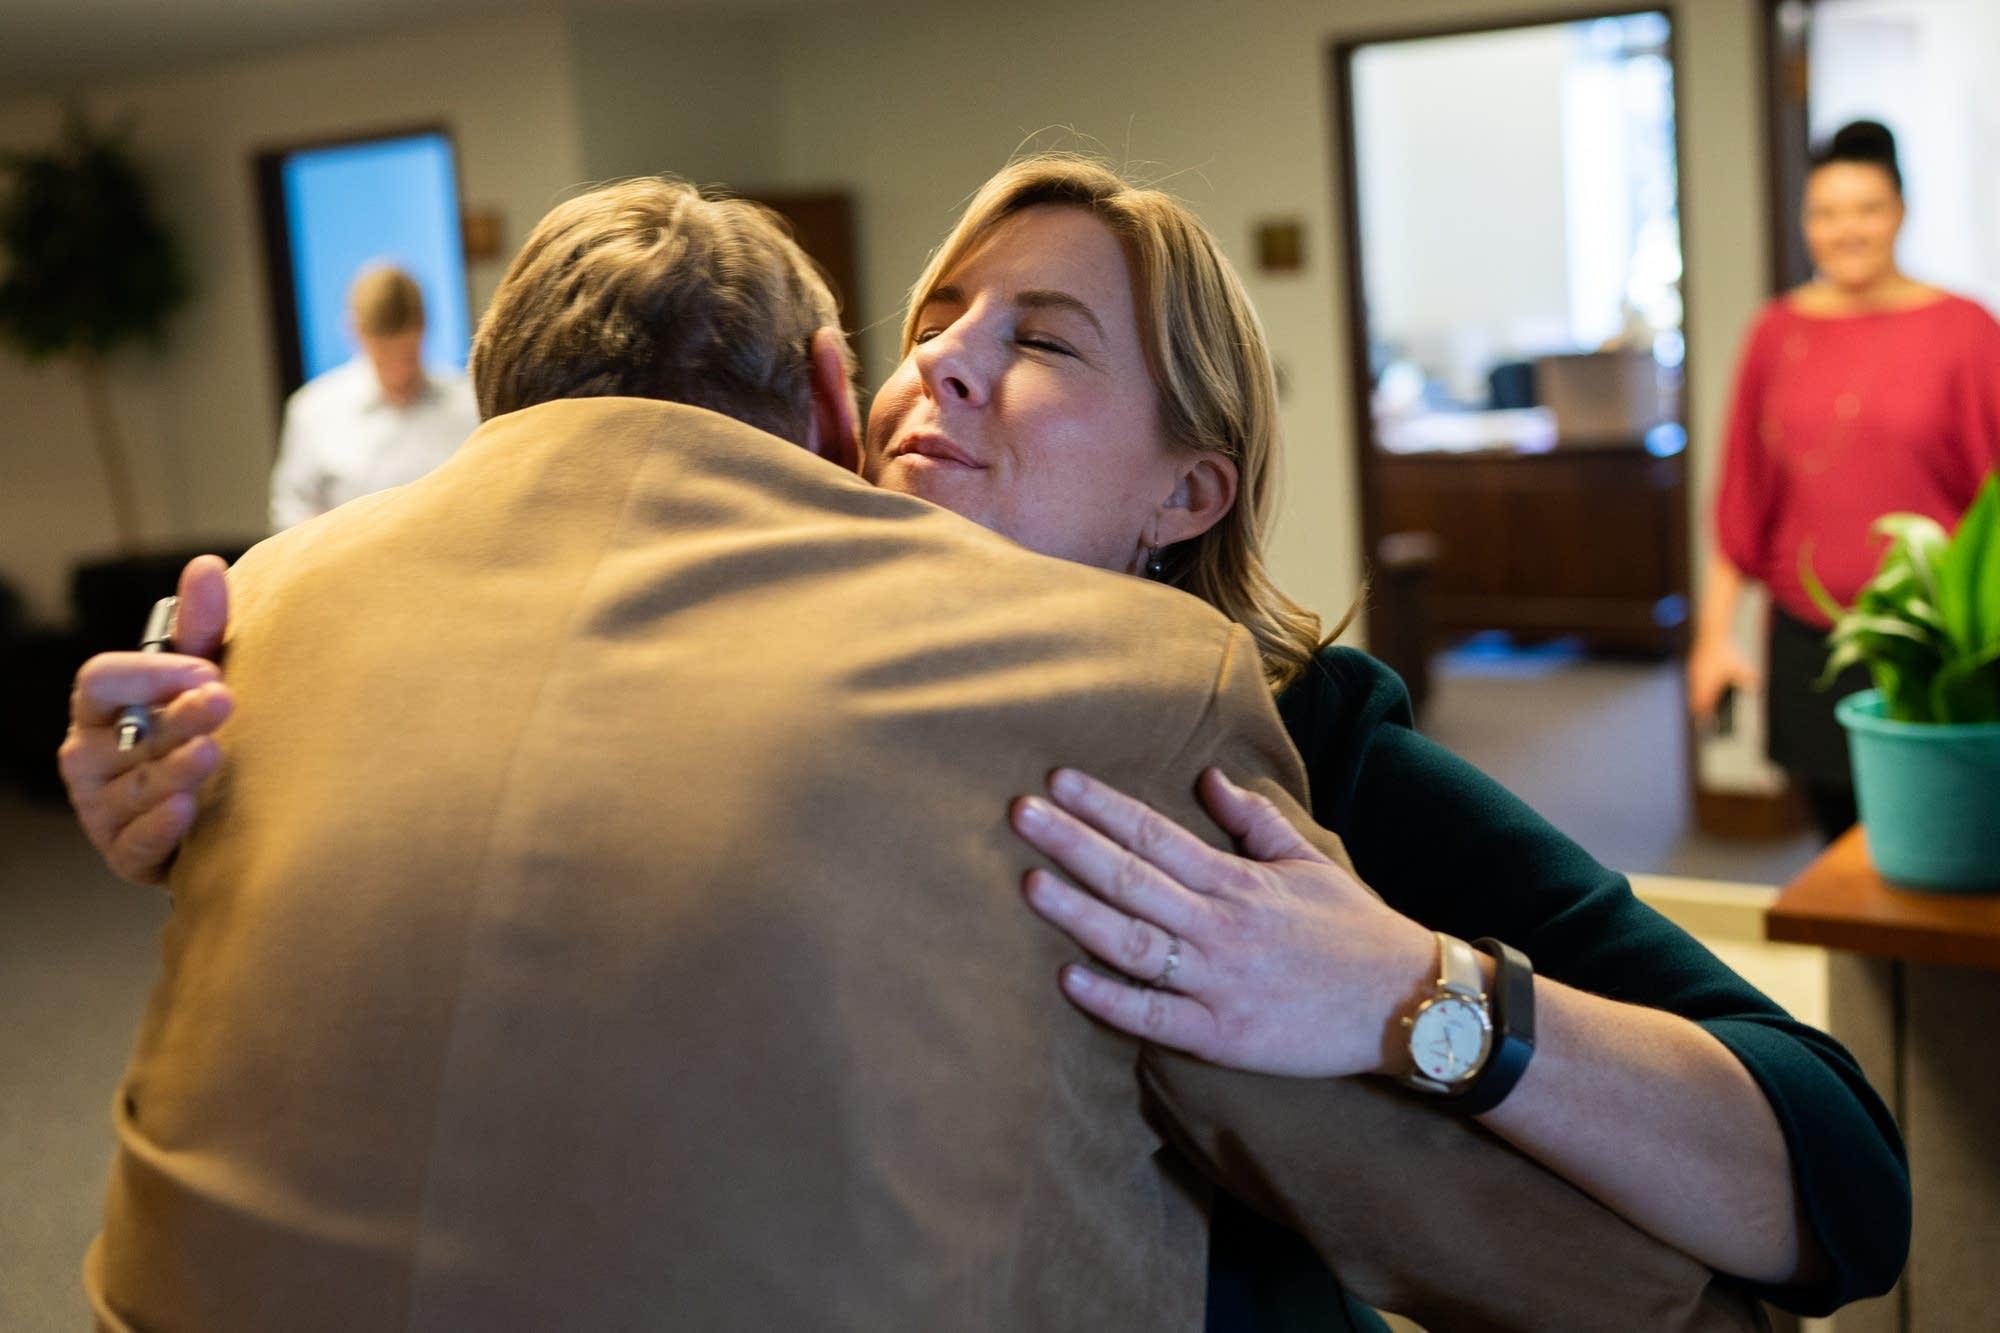 Rep. Melissa Hortman (DFL) hugs Rep. John Persell (DFL).